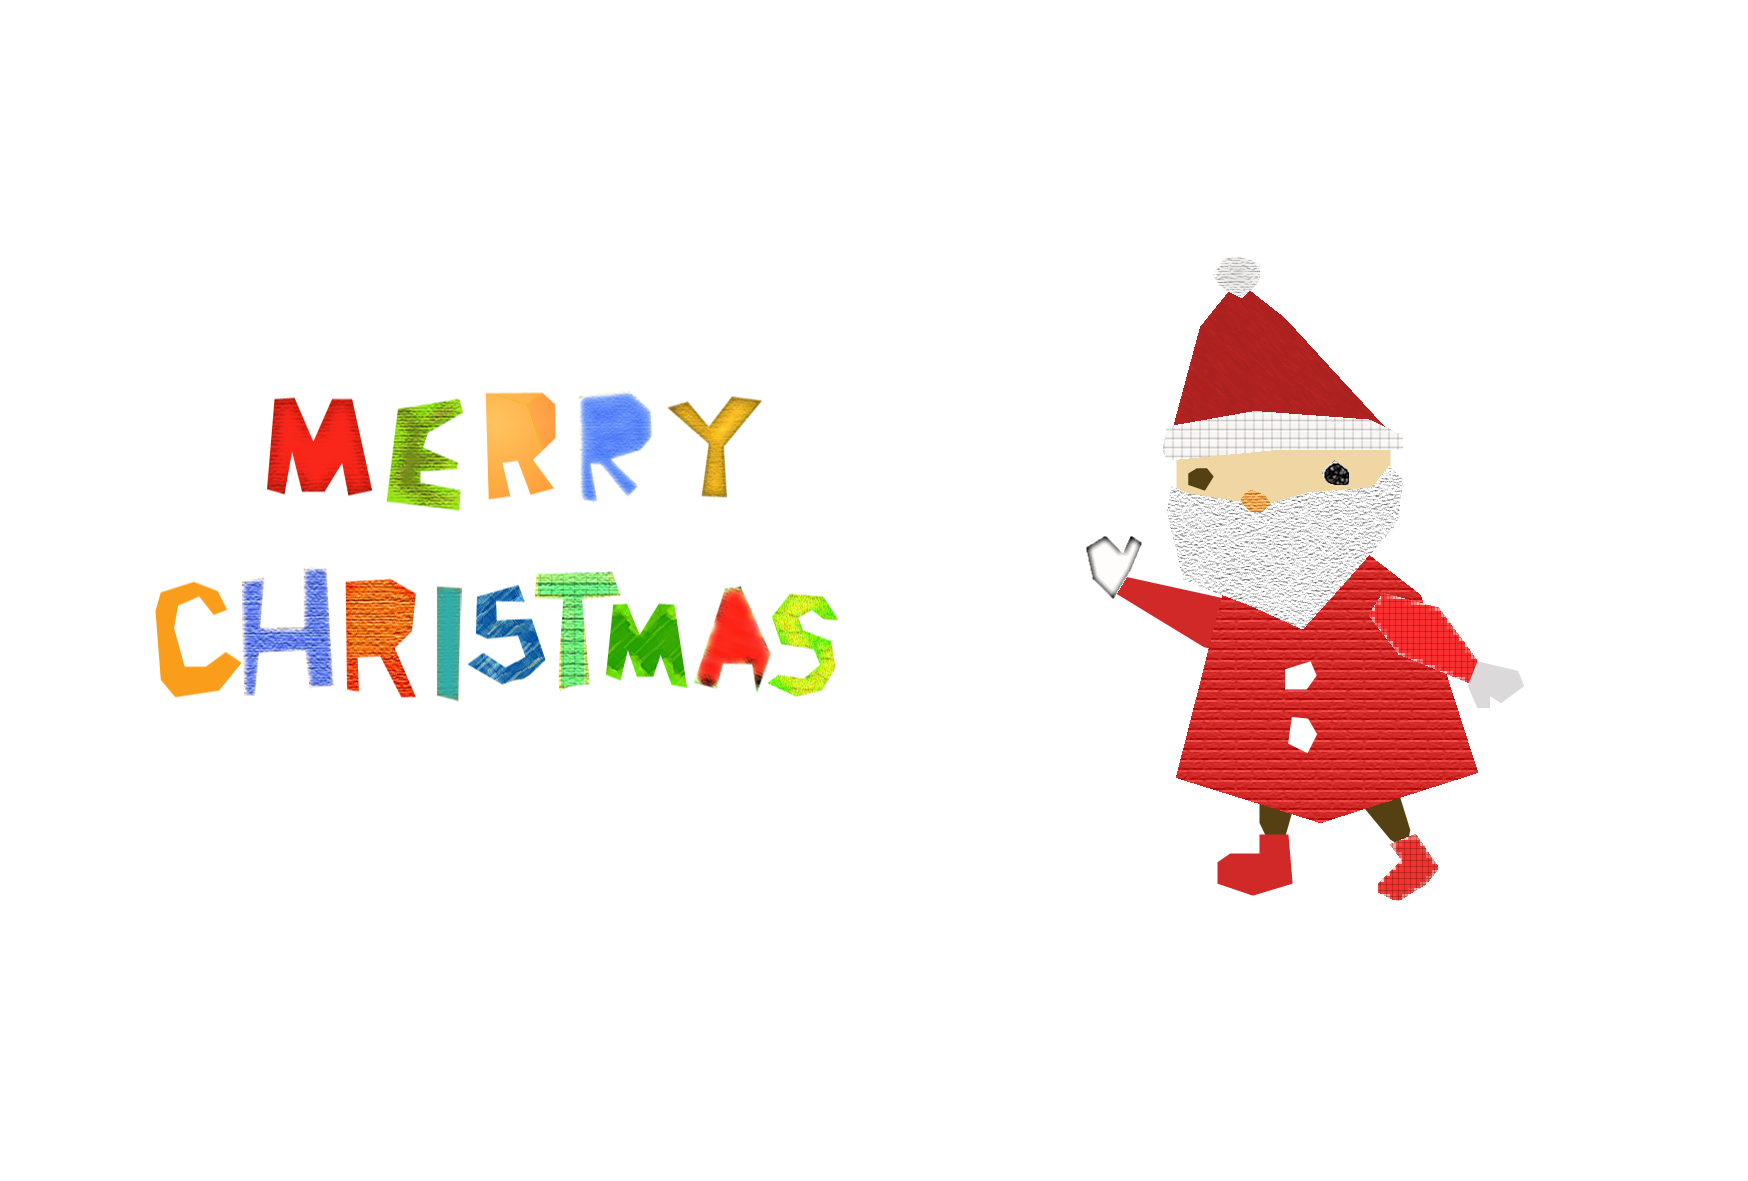 クリスマスカード コラージュ風テンプレートサンタクロース 無料